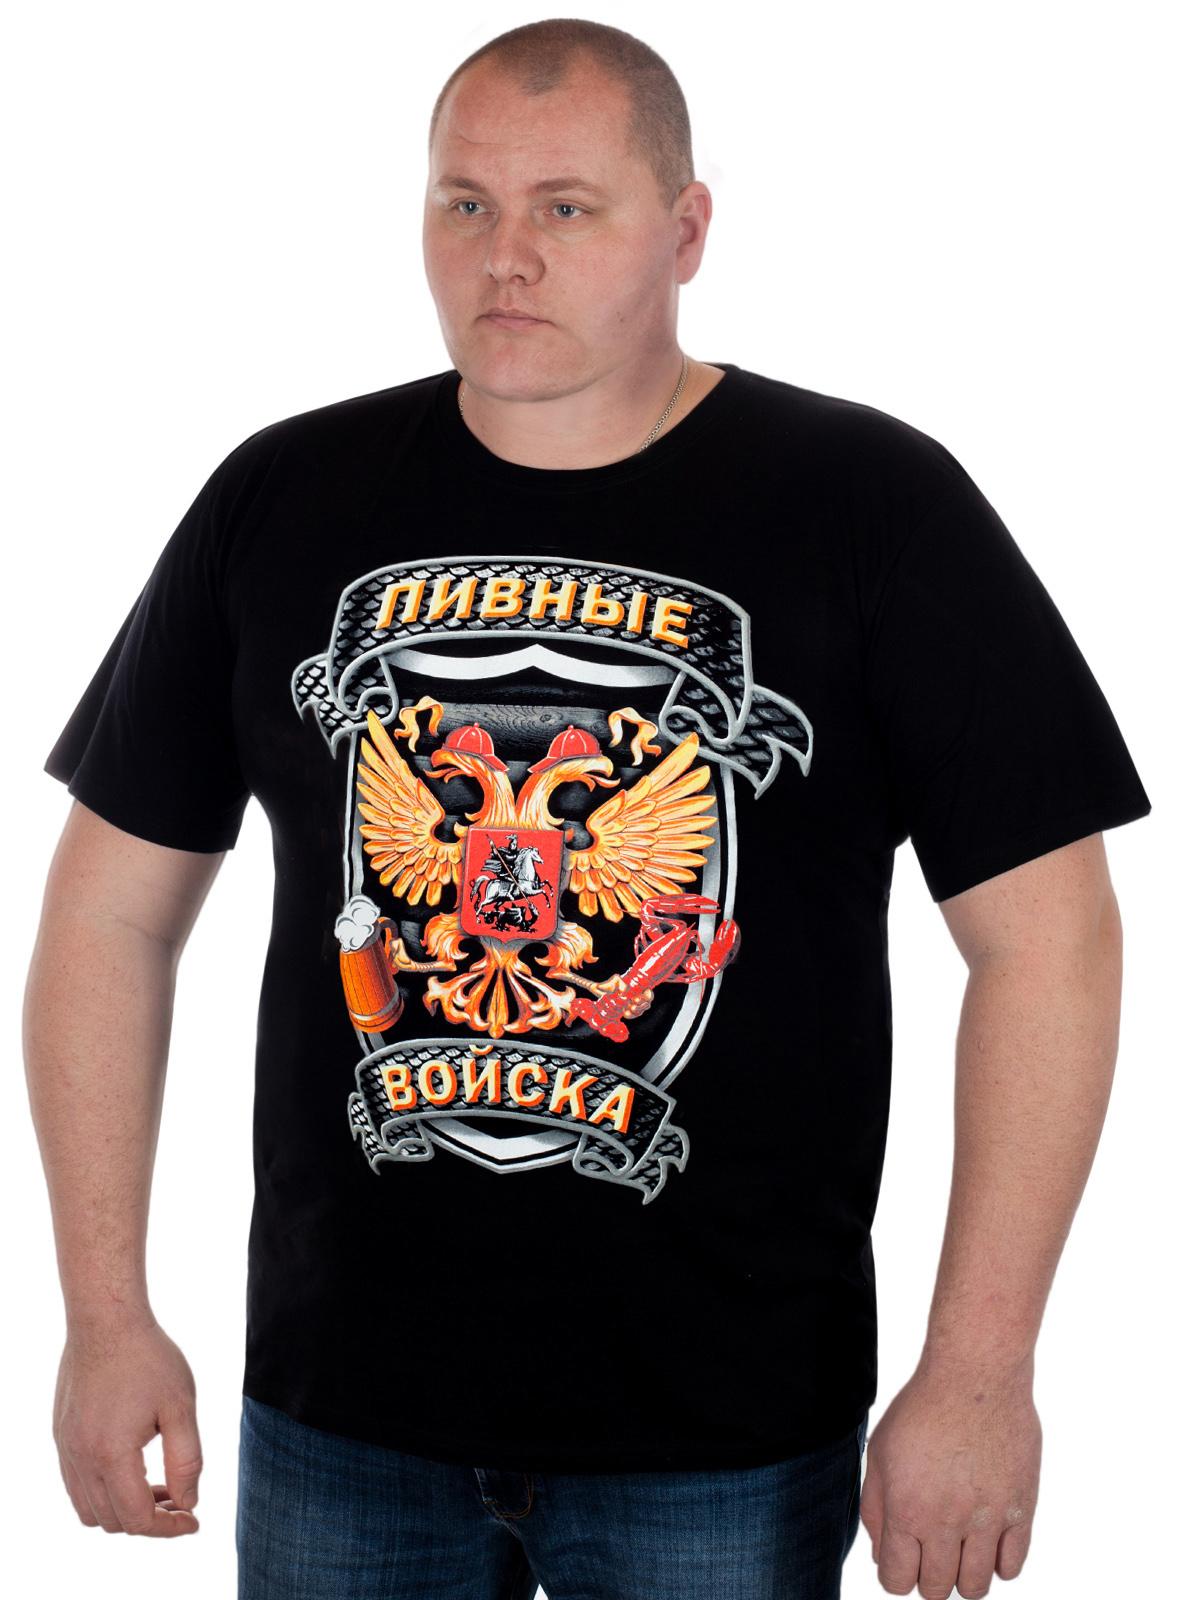 Мужская футболка больших размеров с принтом Пивные войска – недорого и эффектно!